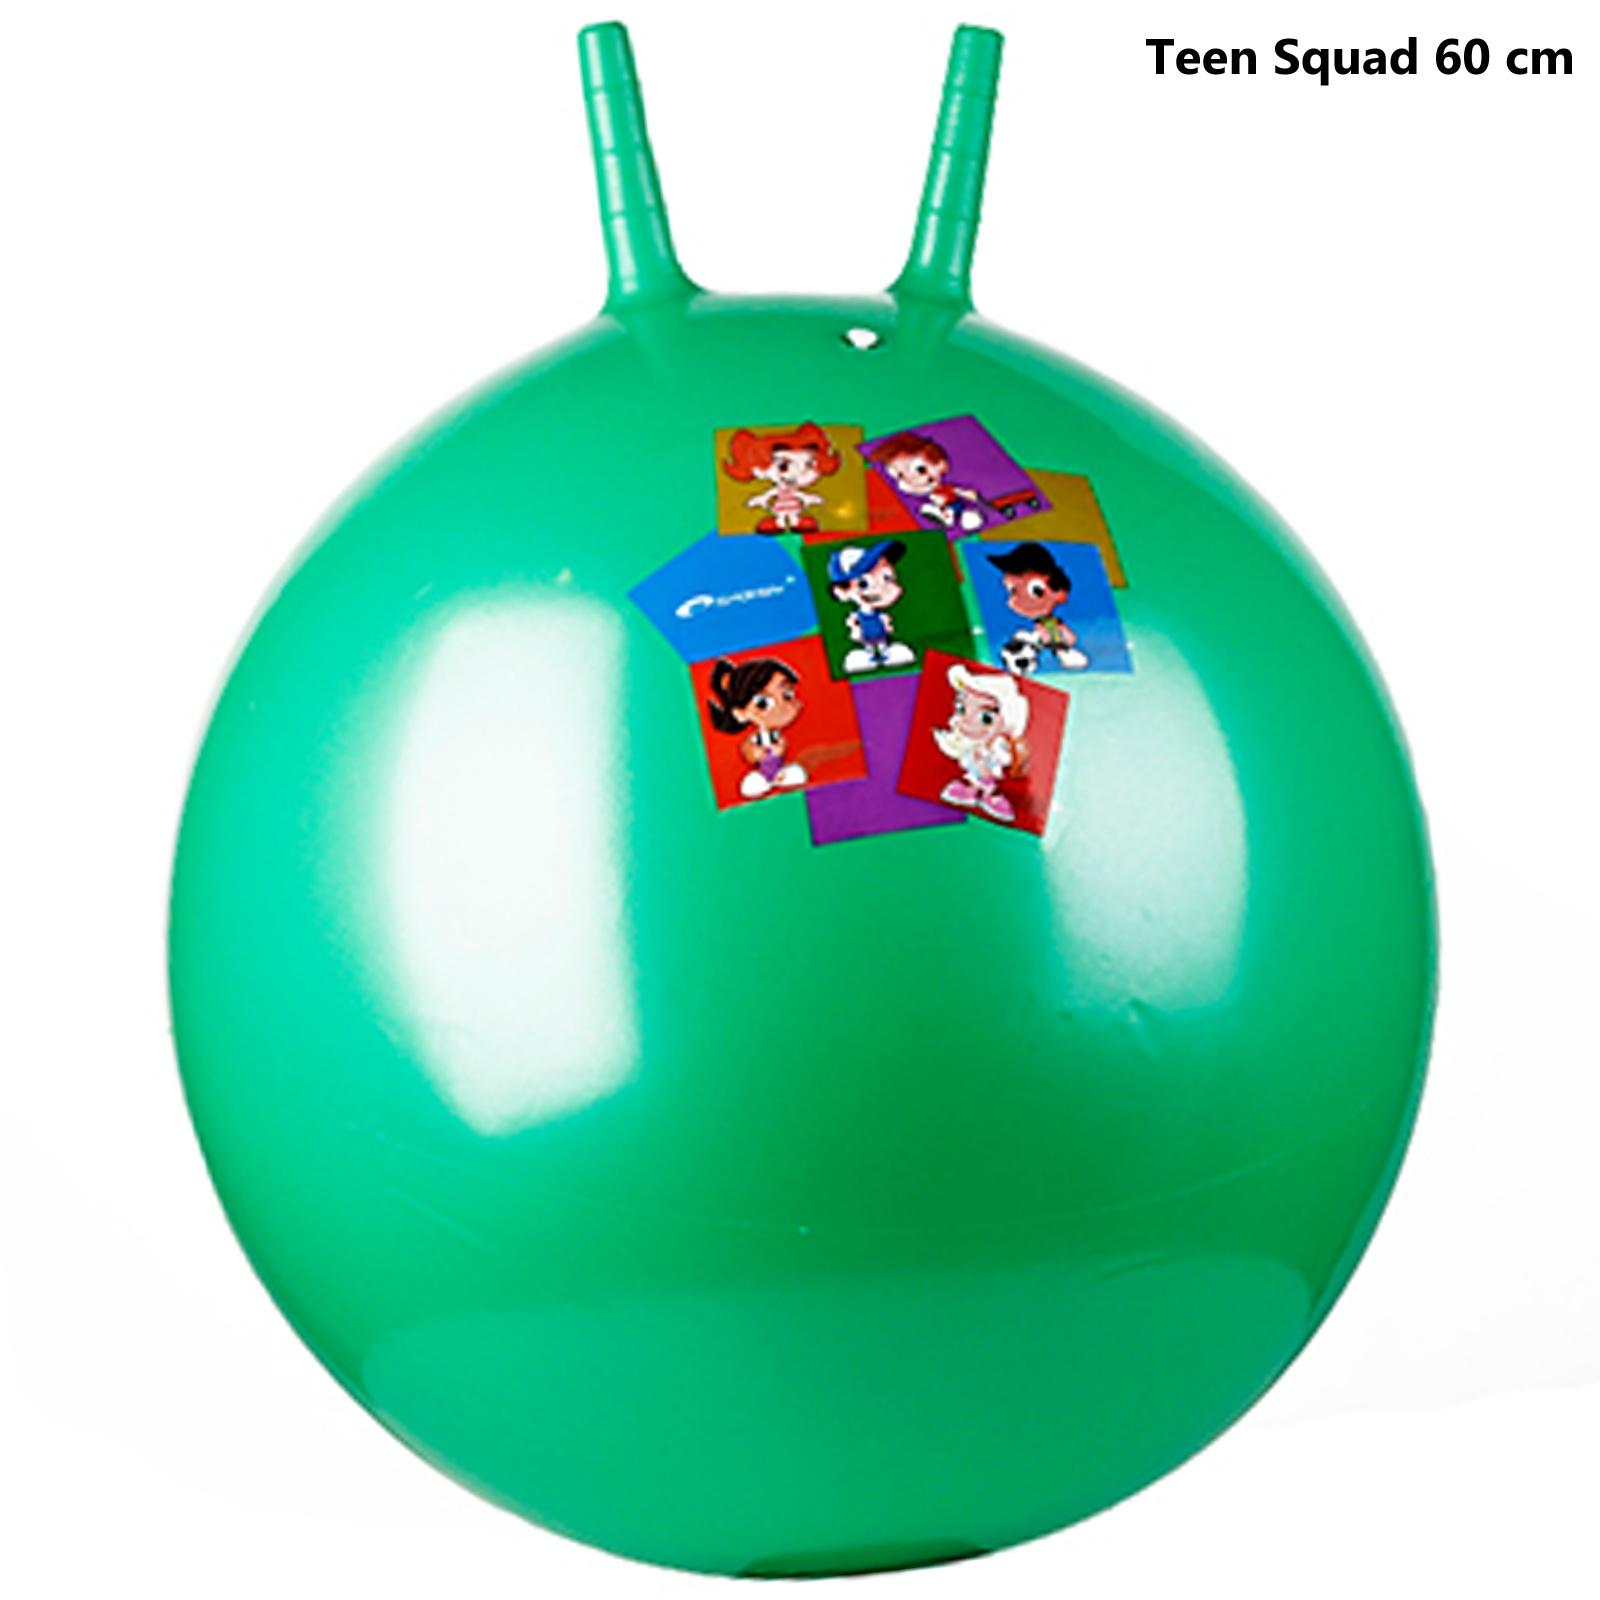 Skákací míč SPOKEY Teen Squad 60 cm